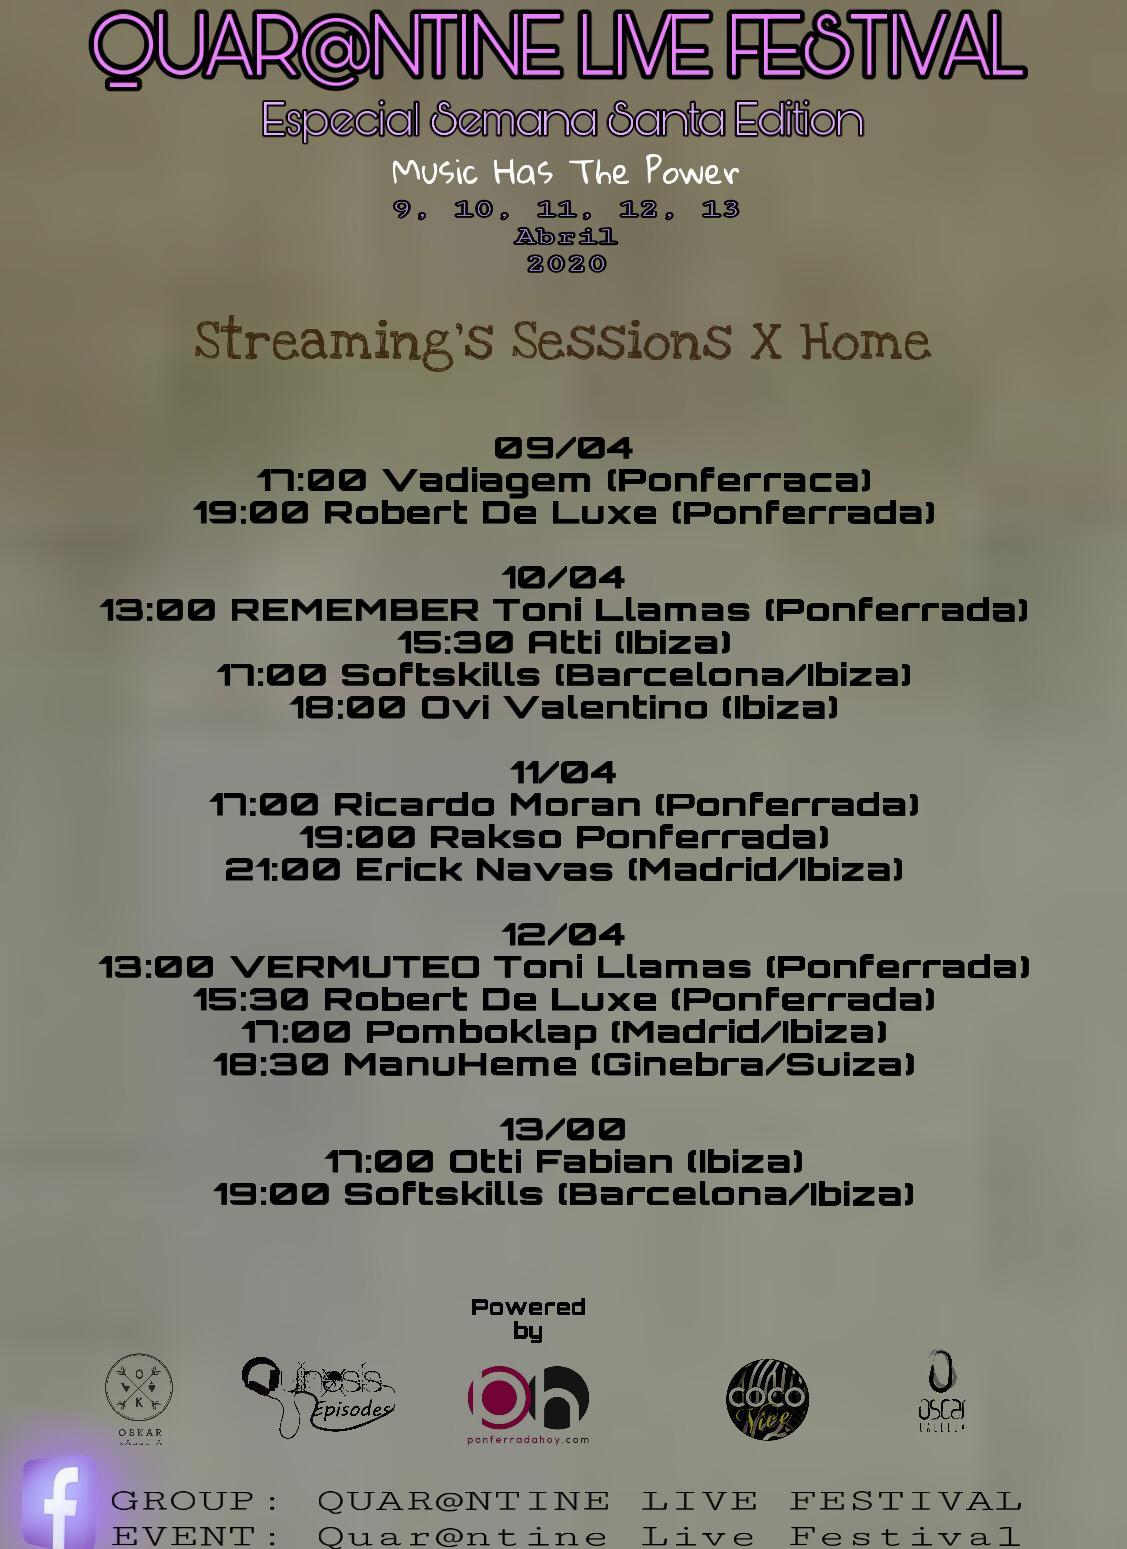 Quar@ntine Live Festival: Djs locales organizan un evento global de música electrónica en streaming durante la Semana Santa 2